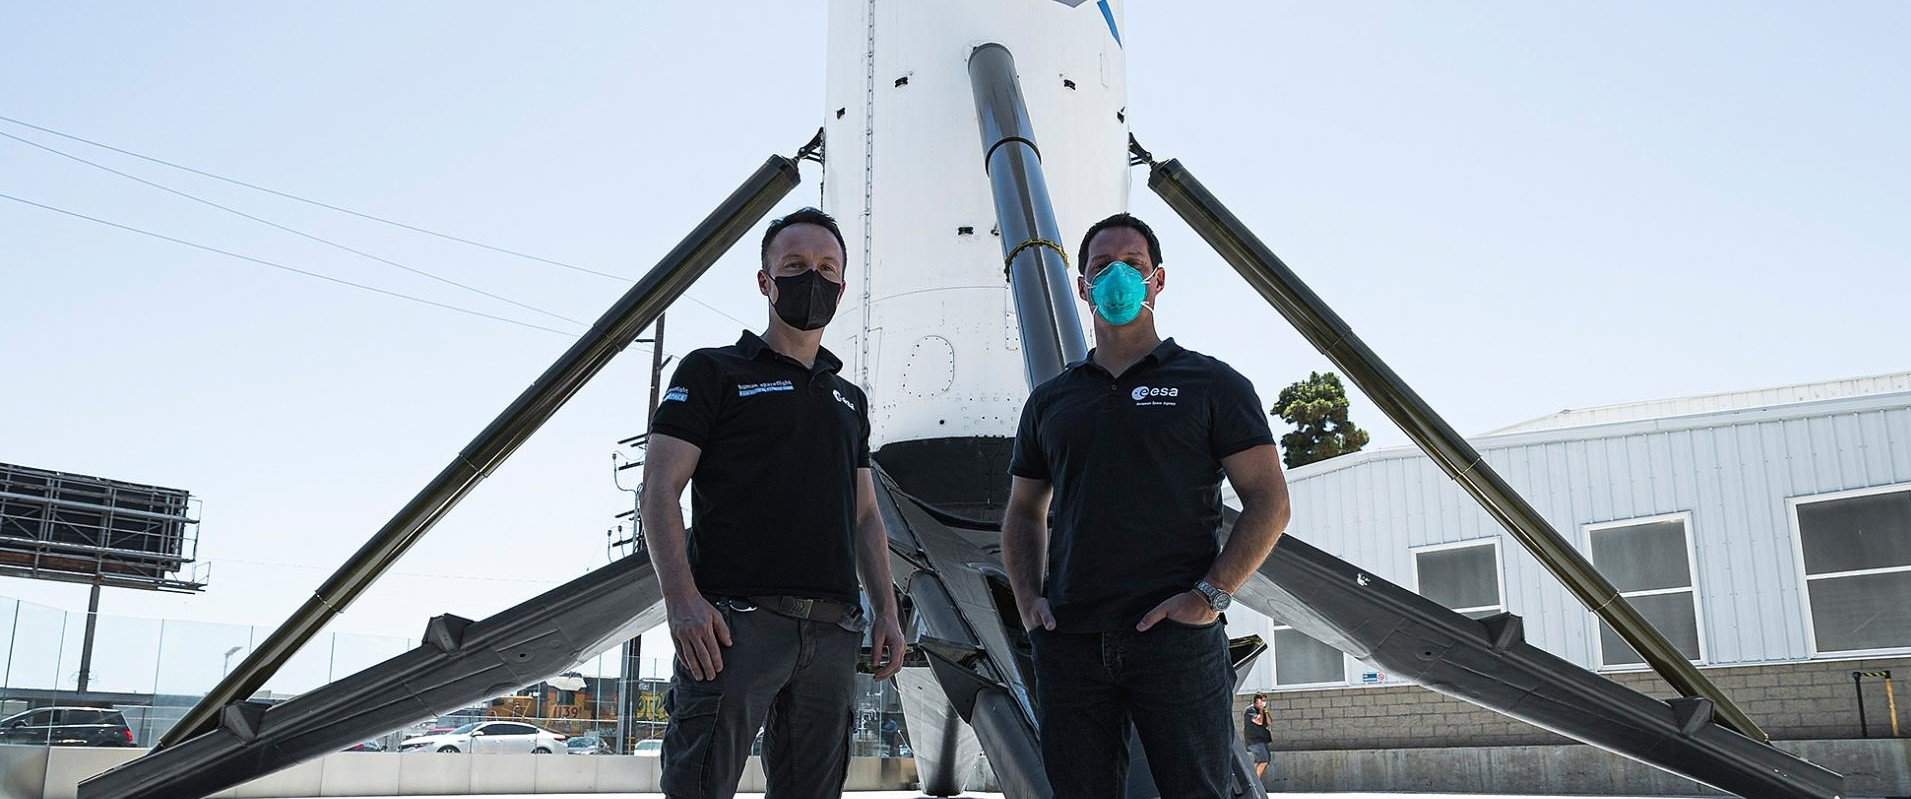 Erste Europäer mit privatem Trägerstart Bild 3/4, Credit: SpaceX